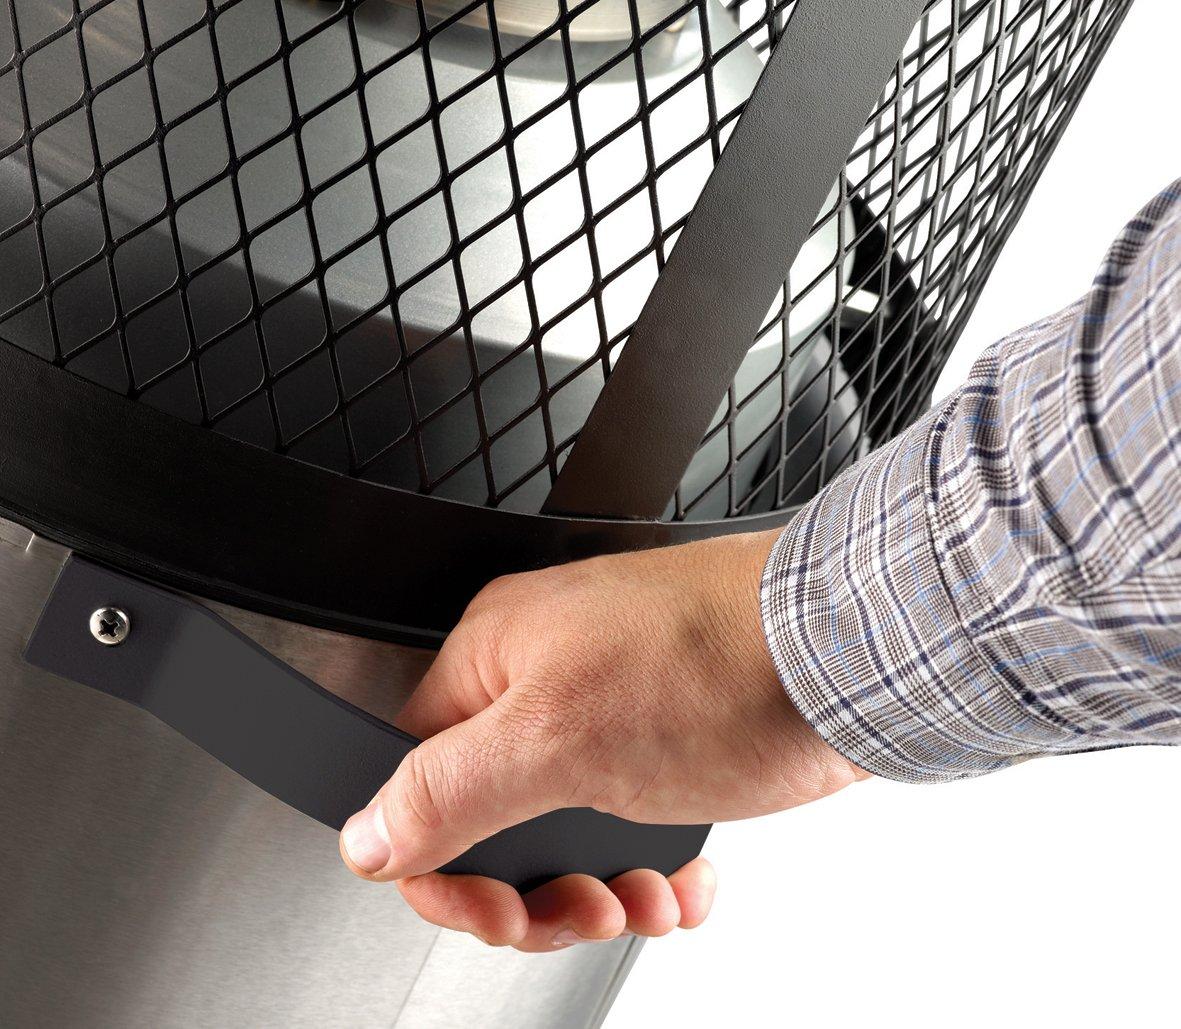 Enders Terrassenheizer Gas POLO 2.0, Gas-Heizstrahler 5460, Terrassenstrahler mit stufenloser Regulierung, ENDUR Reflektionssystem, Transporträder, Umkippsicherung Transporträder